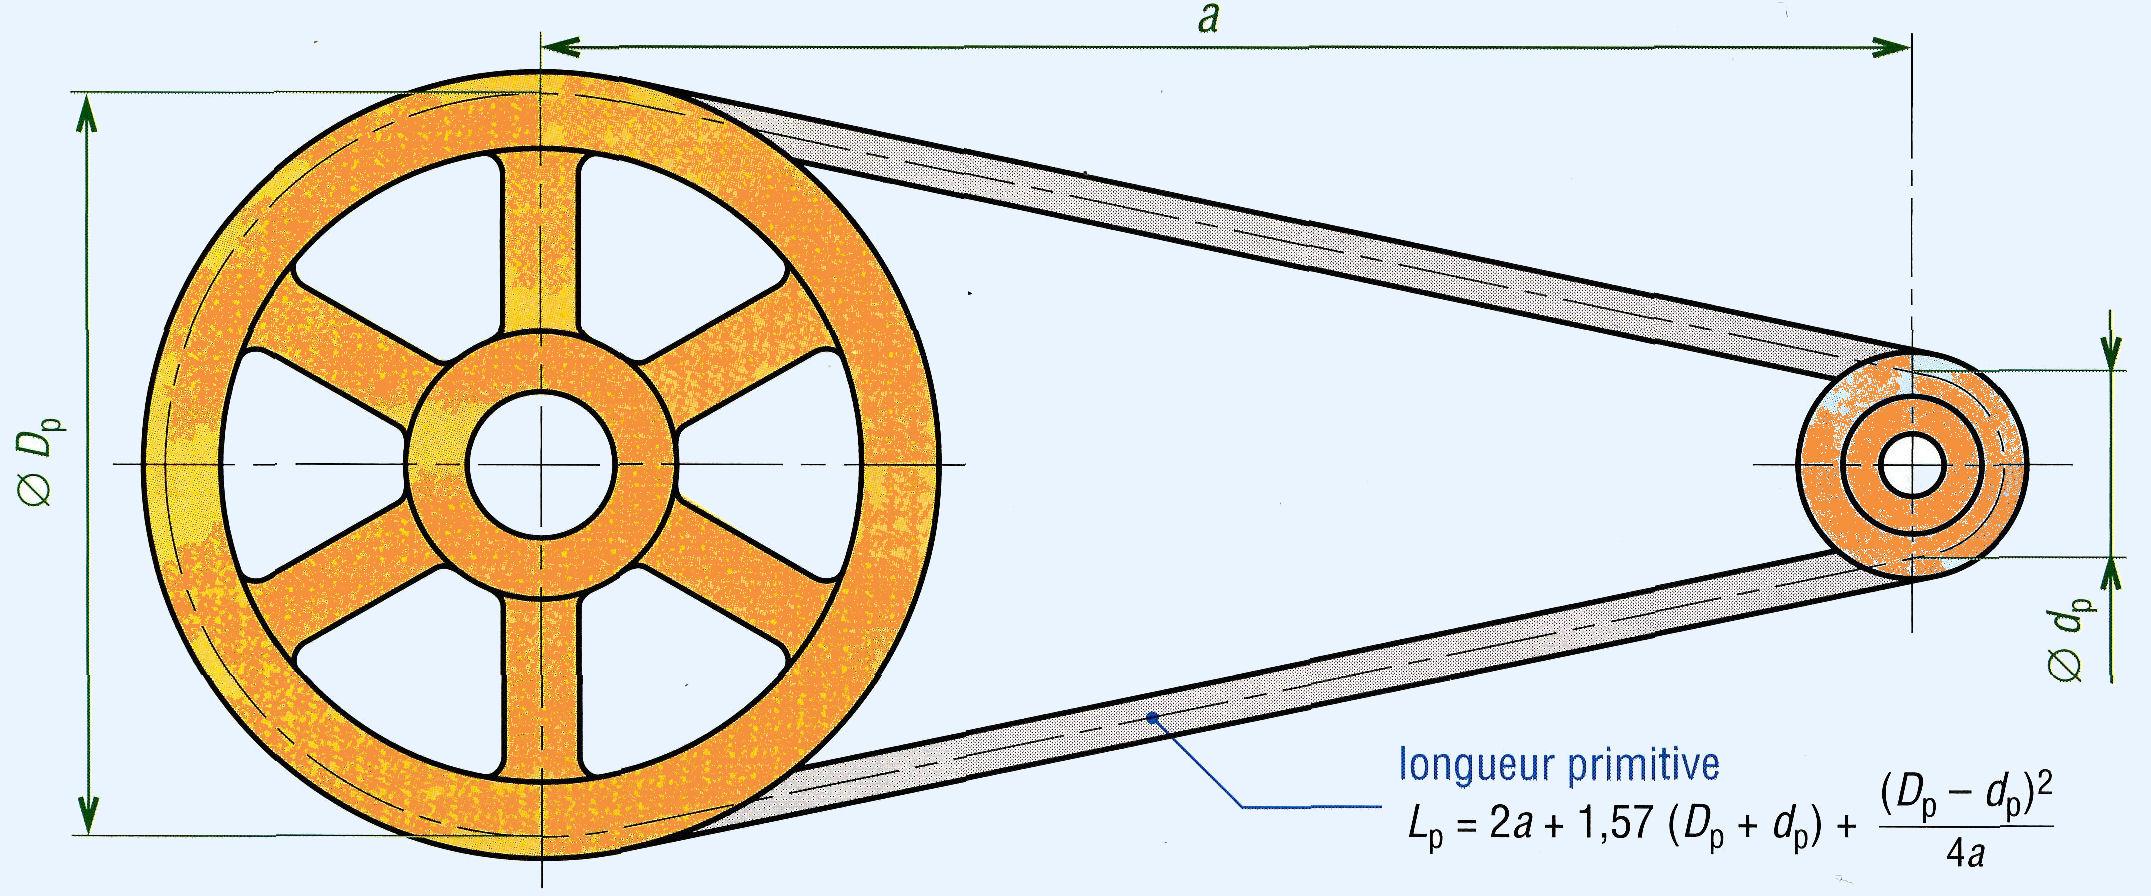 Calcul d 39 une courroie trapezoidale - Comment calculer quantite de peinture ...